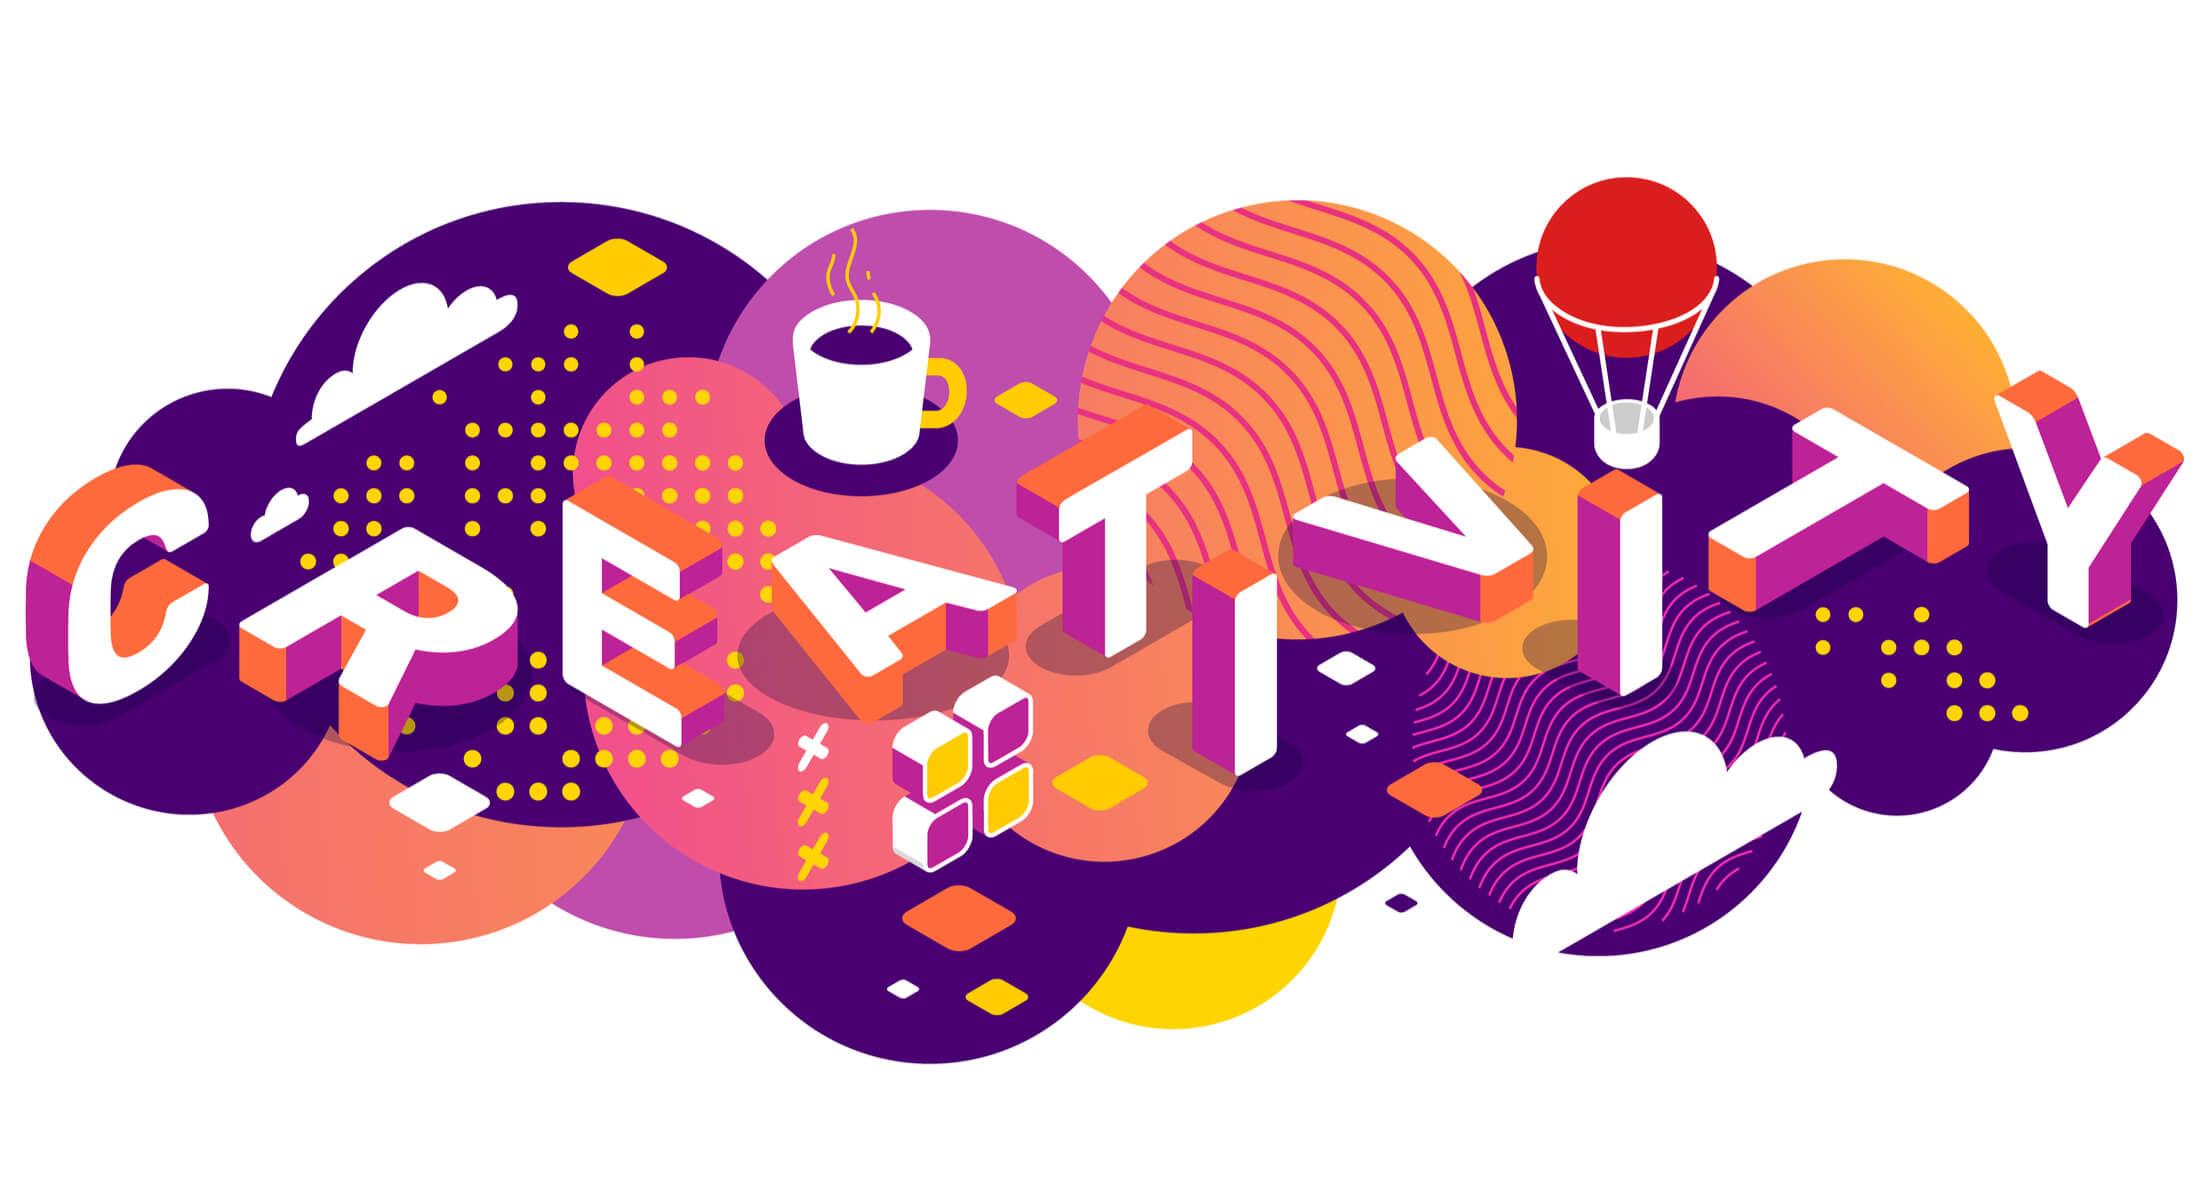 ilustração colorida do título criatividade em inglês